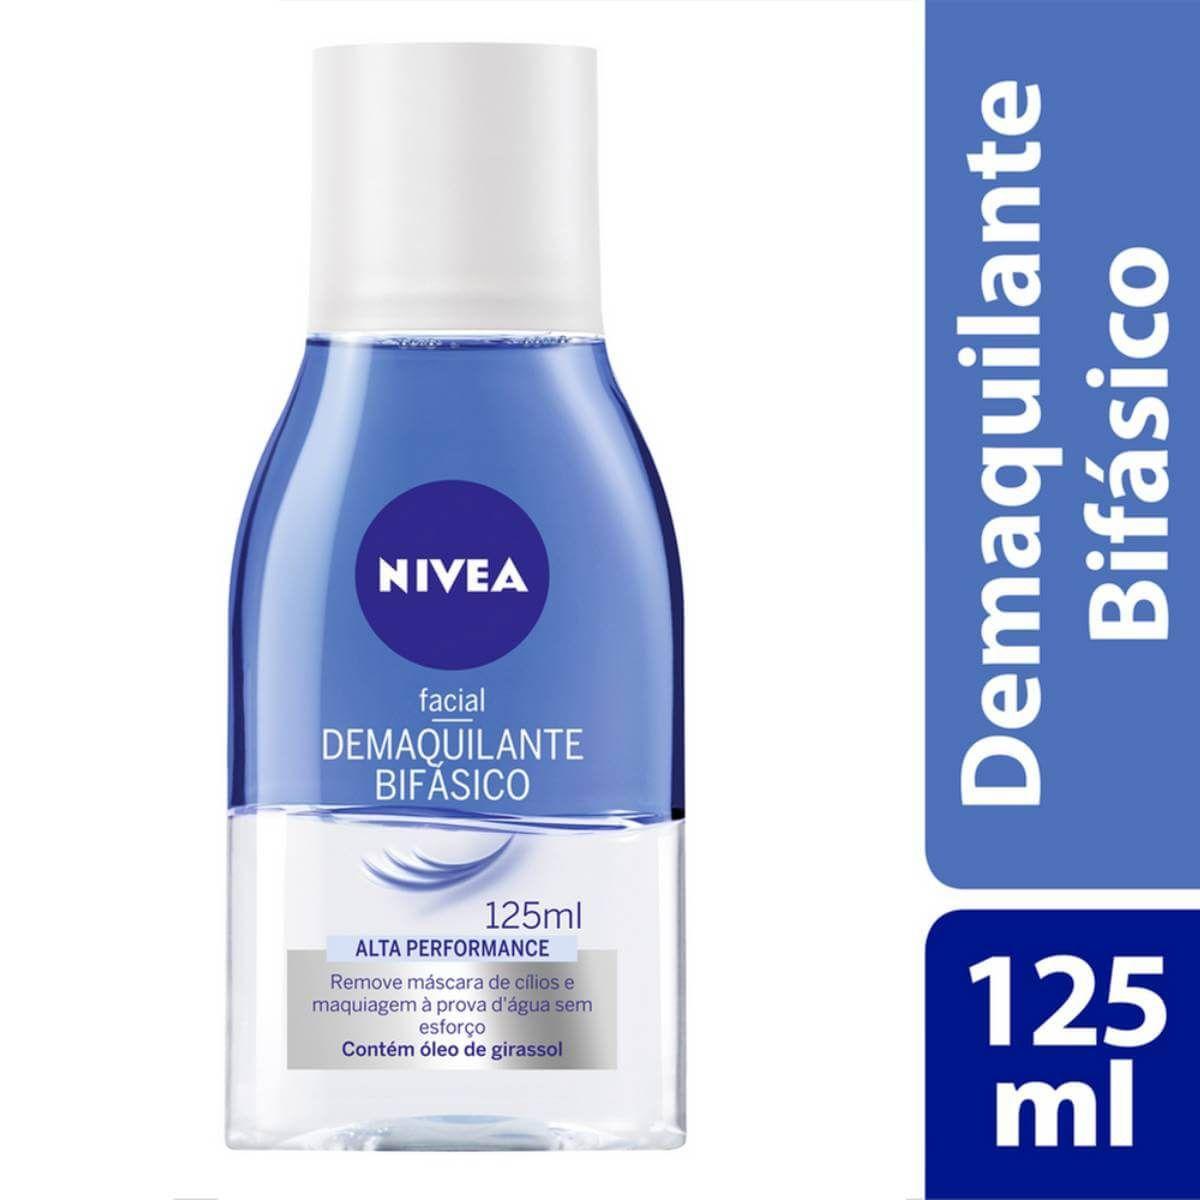 nivea-demaquilante-bifasico-alta-performance-125ml-barato